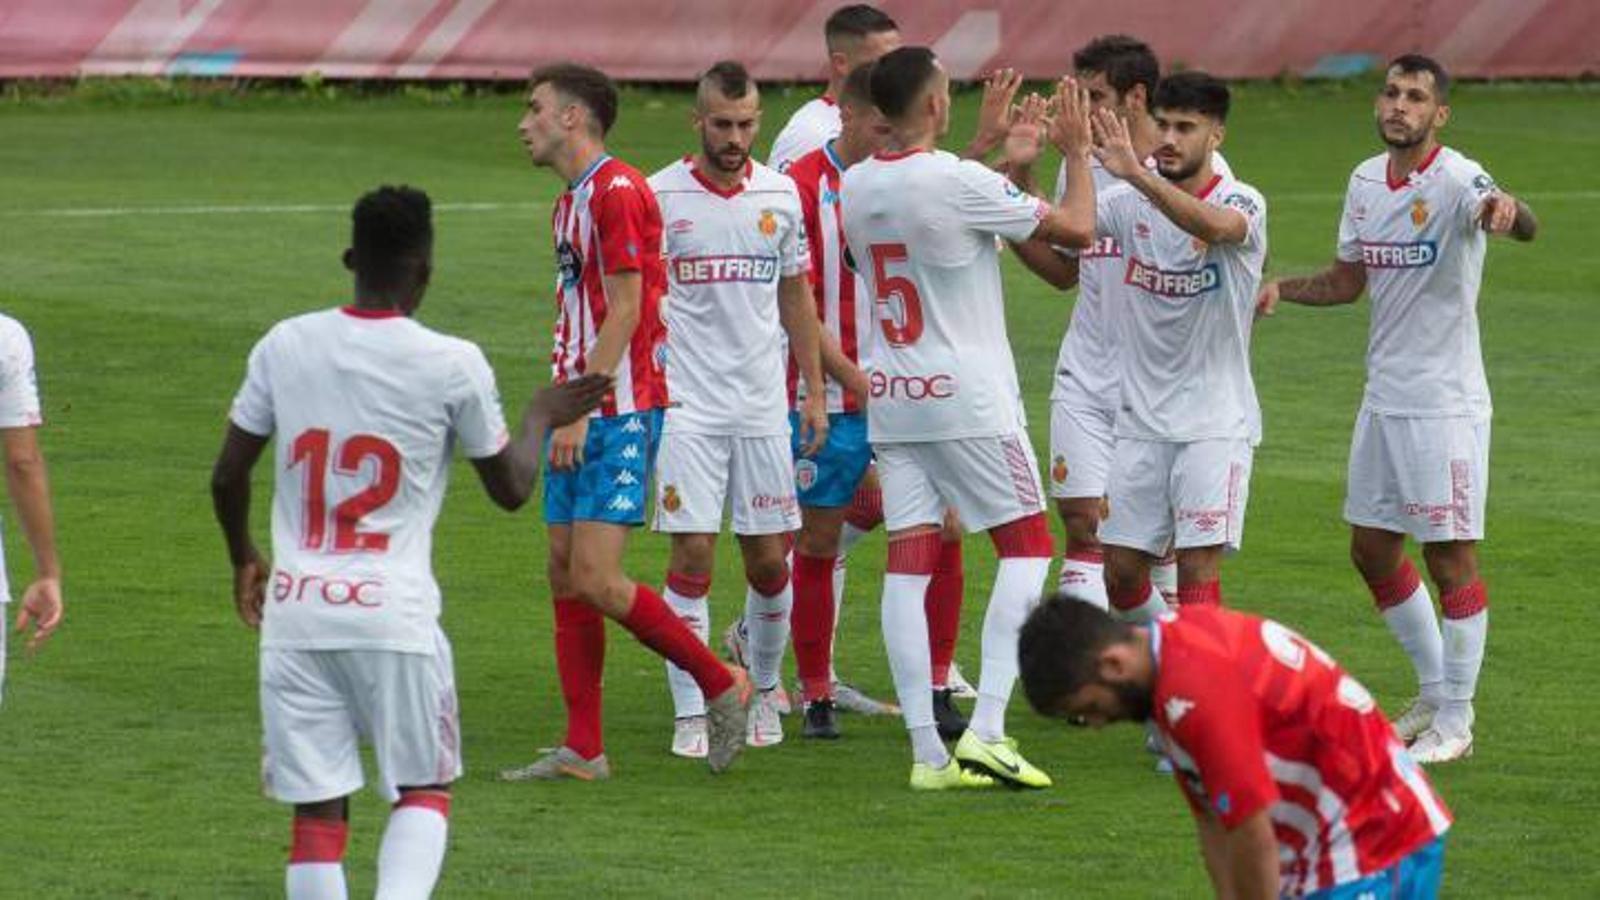 Jugadors dels dos equips al camp del Lugo